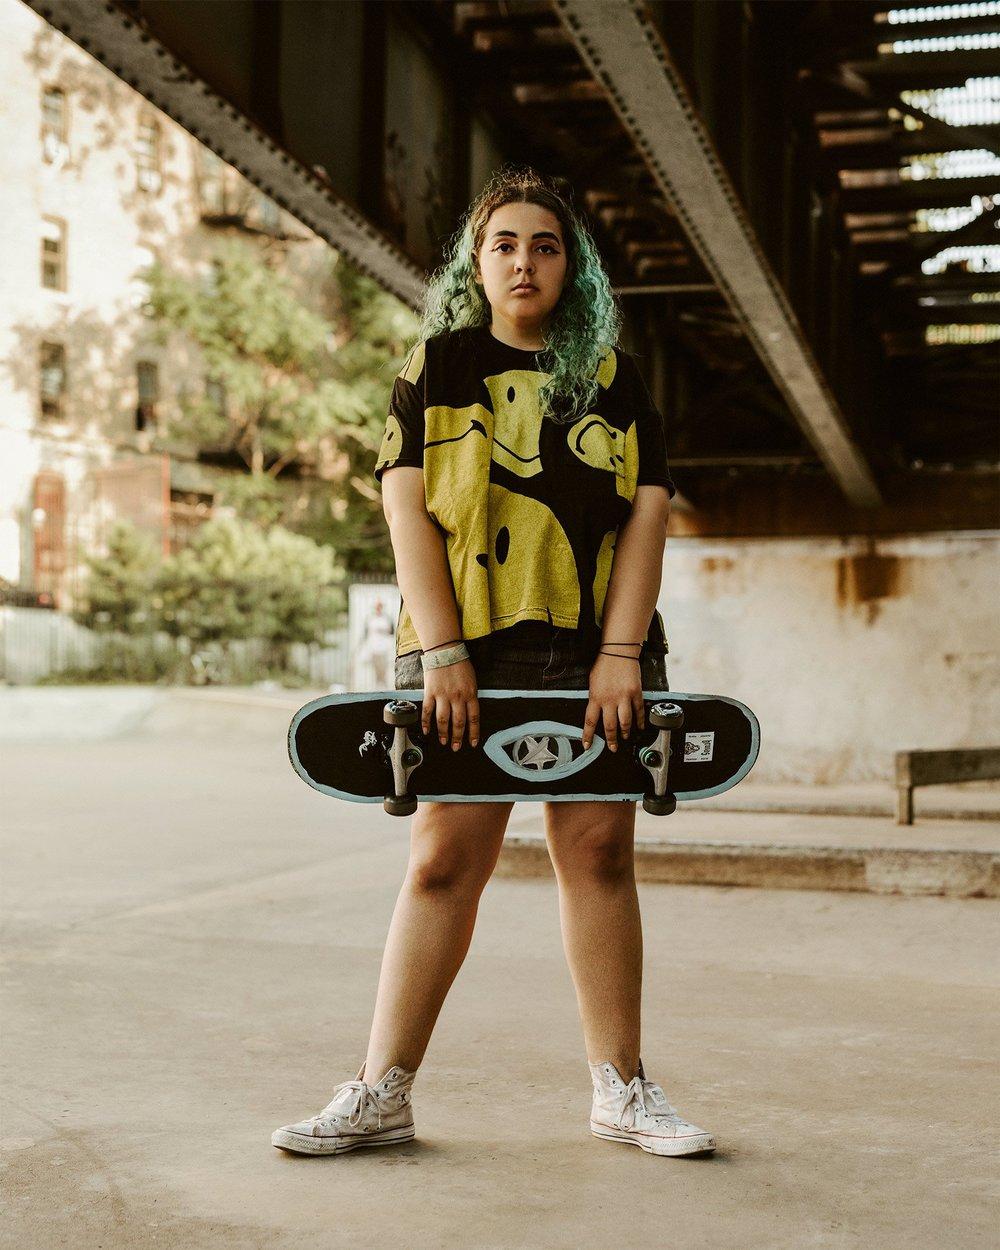 las-brujas-bronx-skateboarders-071.jpg